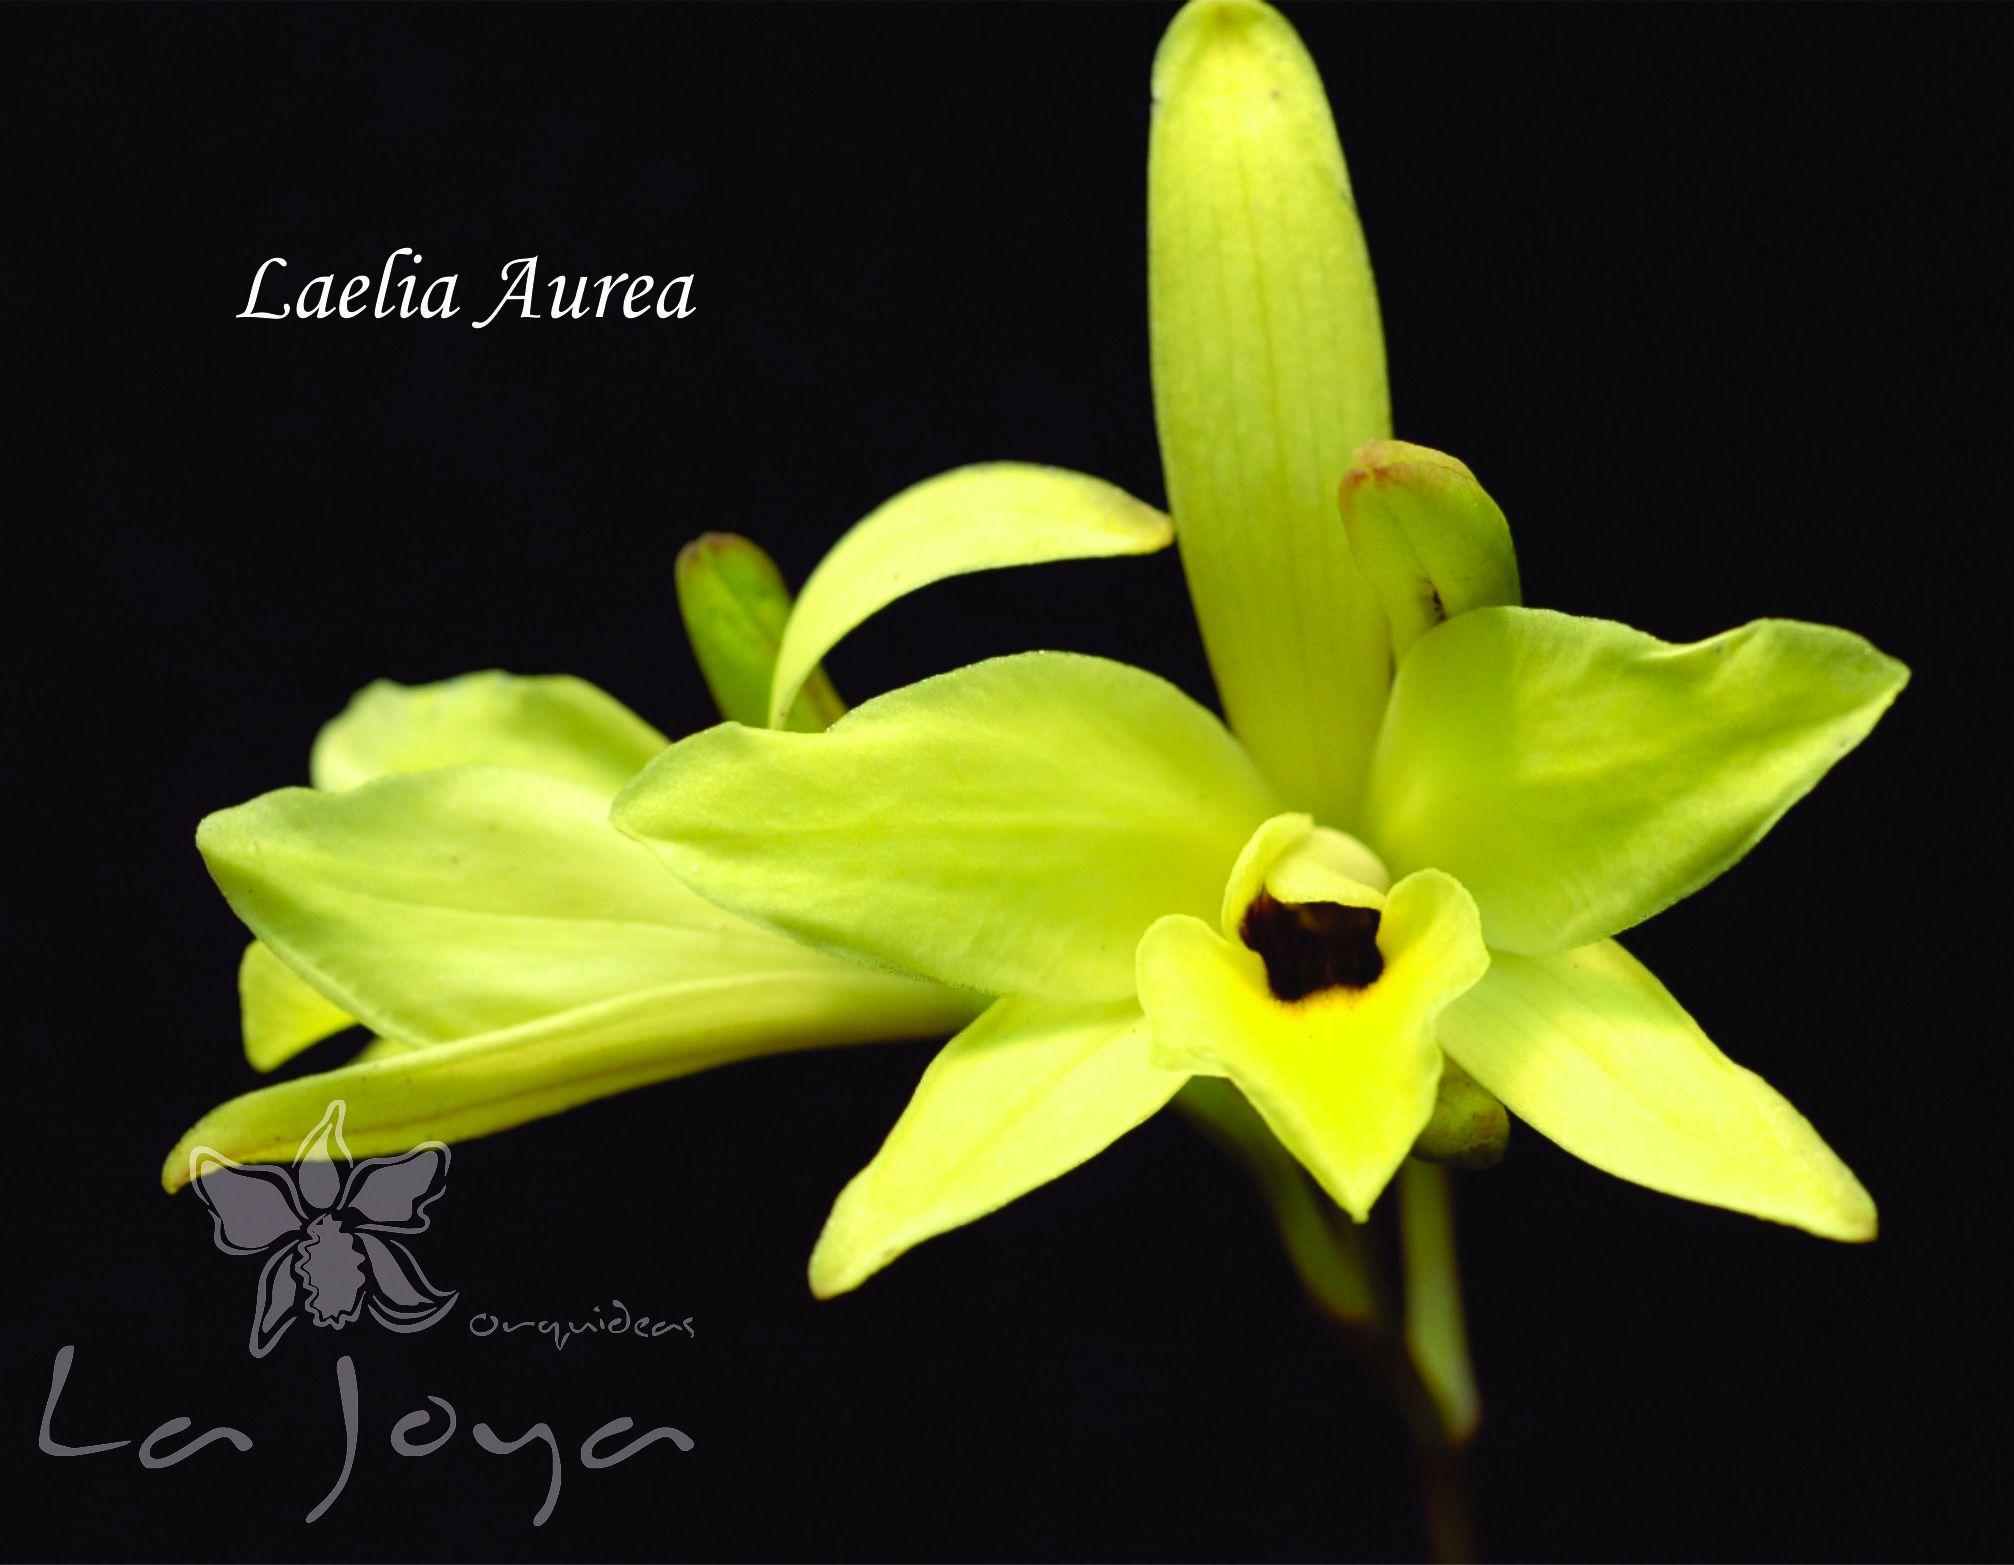 Laelia Aurea